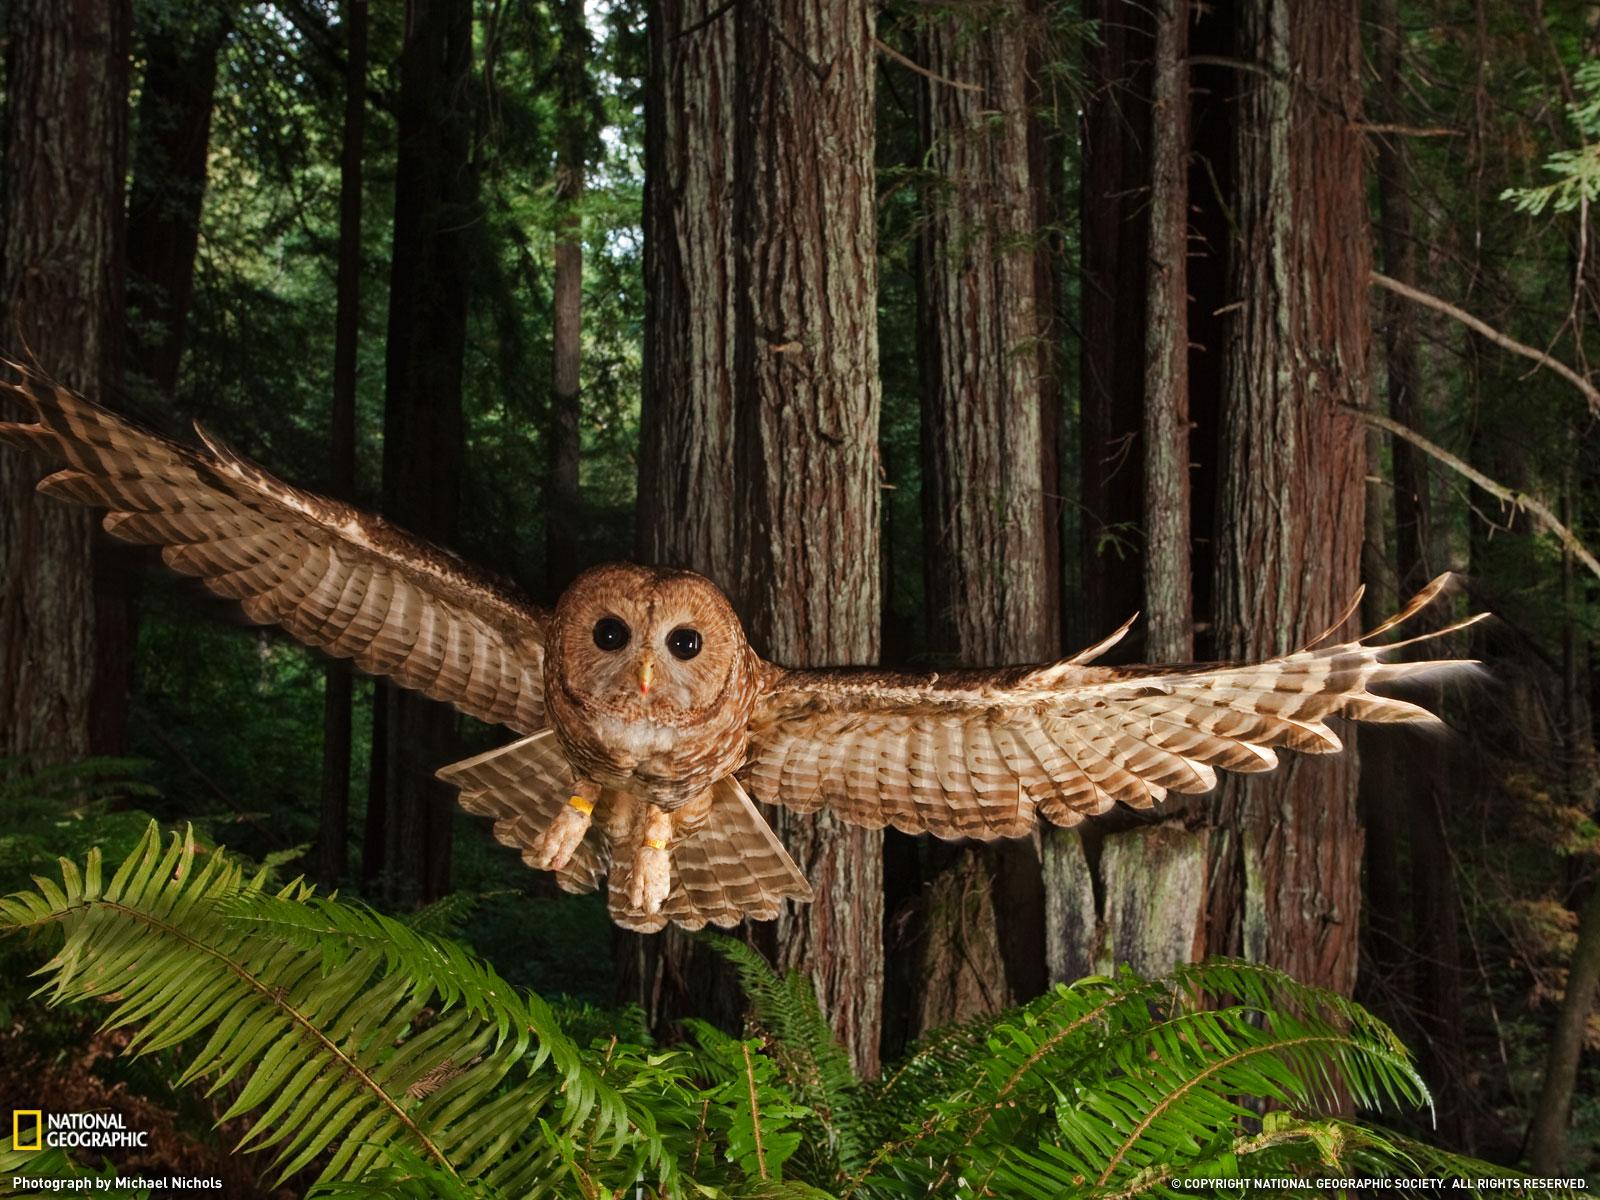 http://4.bp.blogspot.com/-xO-MSuD6Vwo/UTS2foRjkLI/AAAAAAAABBc/13w_grwjlUI/s1600/Redwood-Forest-Wallpaper.jpg